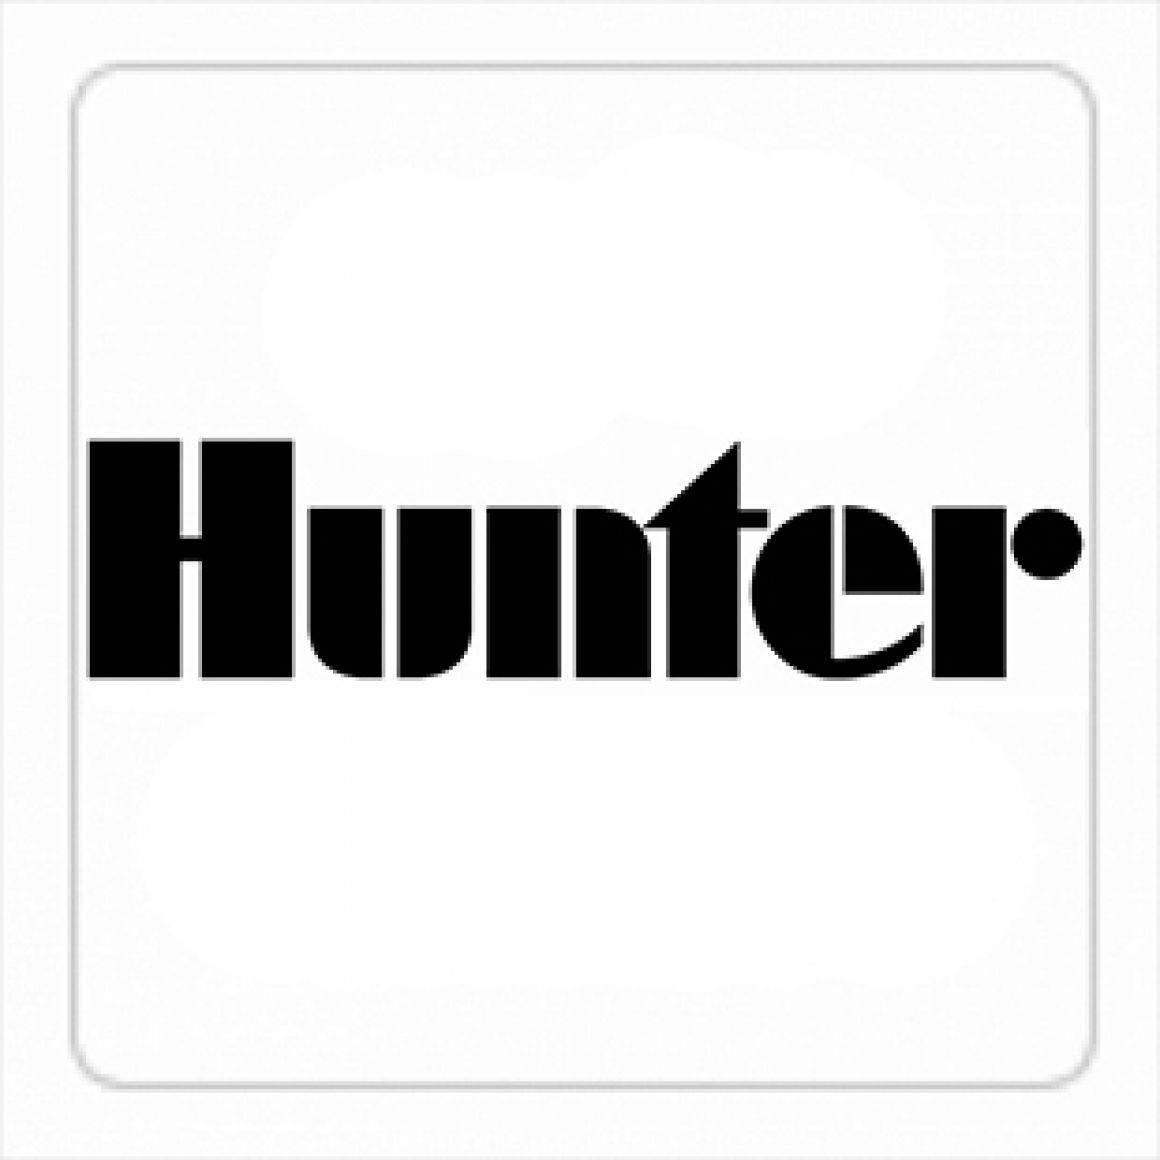 ICD-SEN сенсорный декодер для использования с АСС (Hunter)